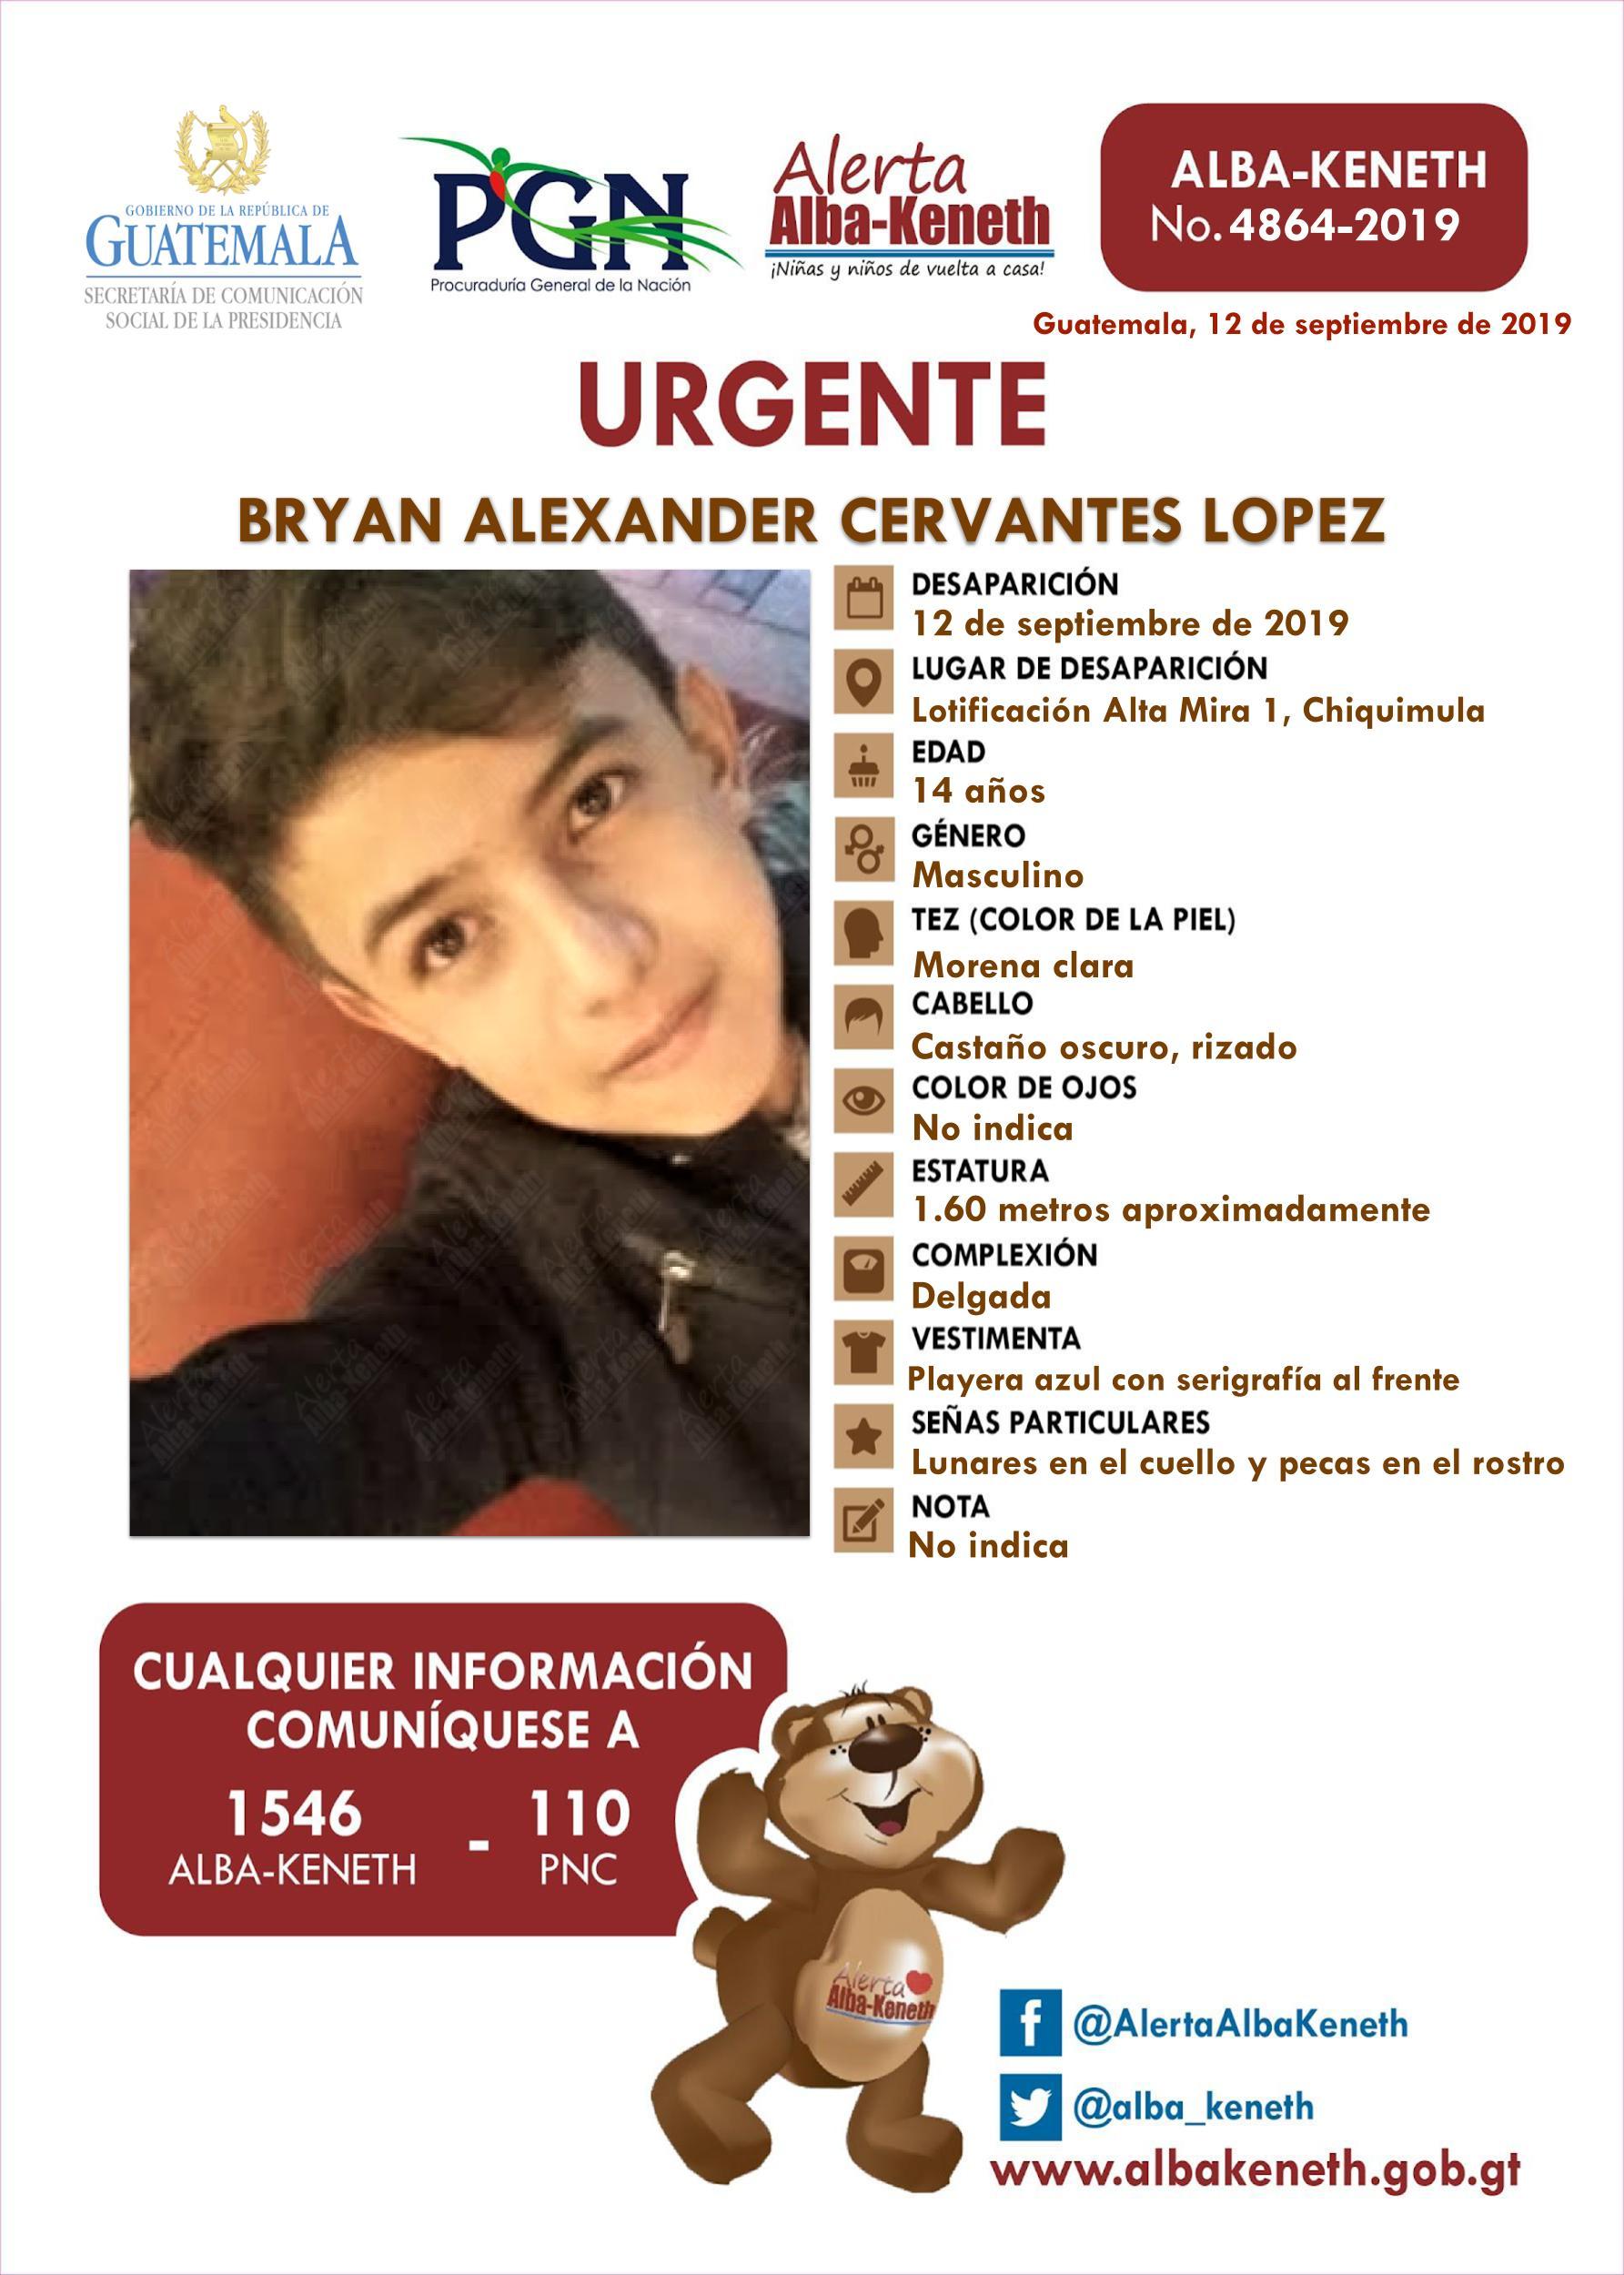 Bryan Alexander Cervantes Lopez